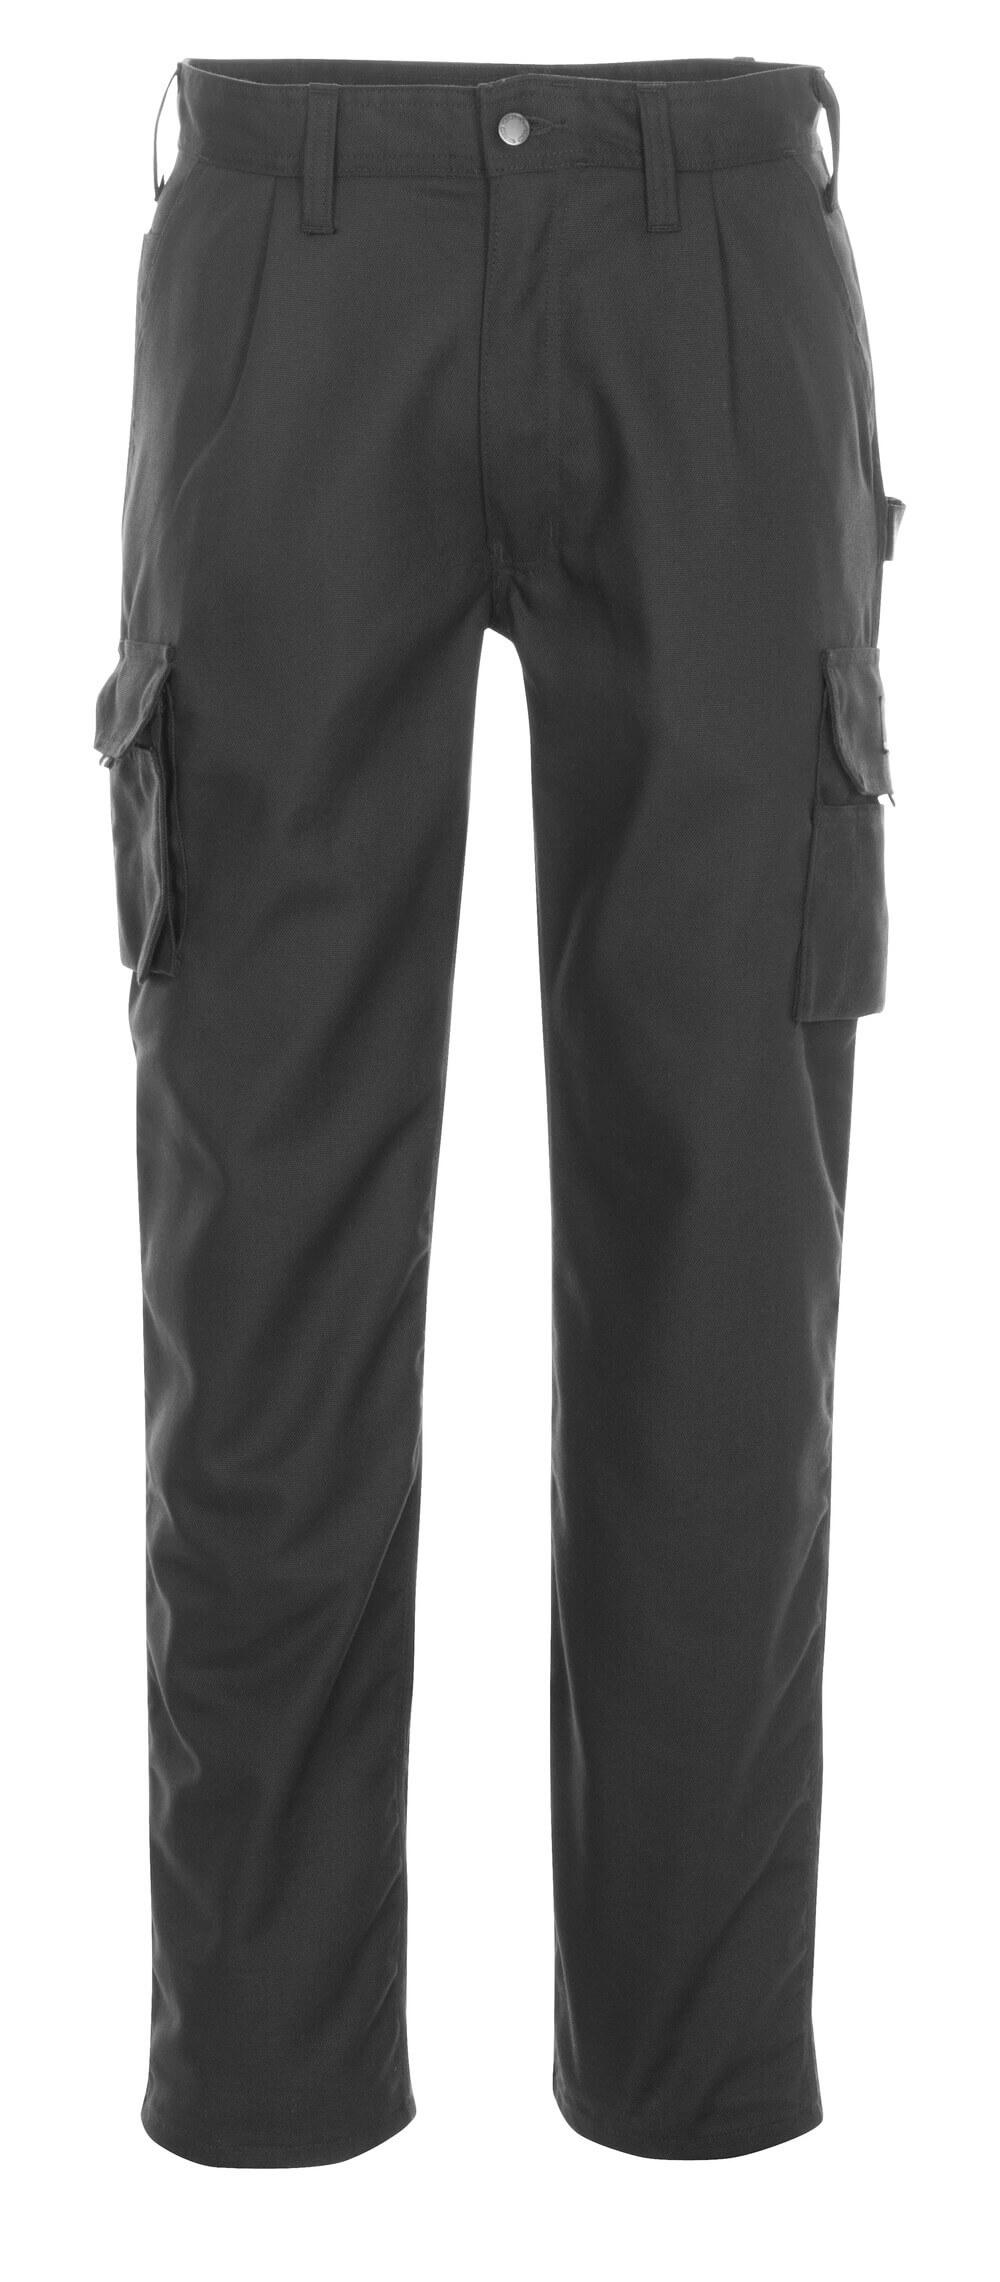 03079-010-09 Pantalon avec poches cuisse - Noir